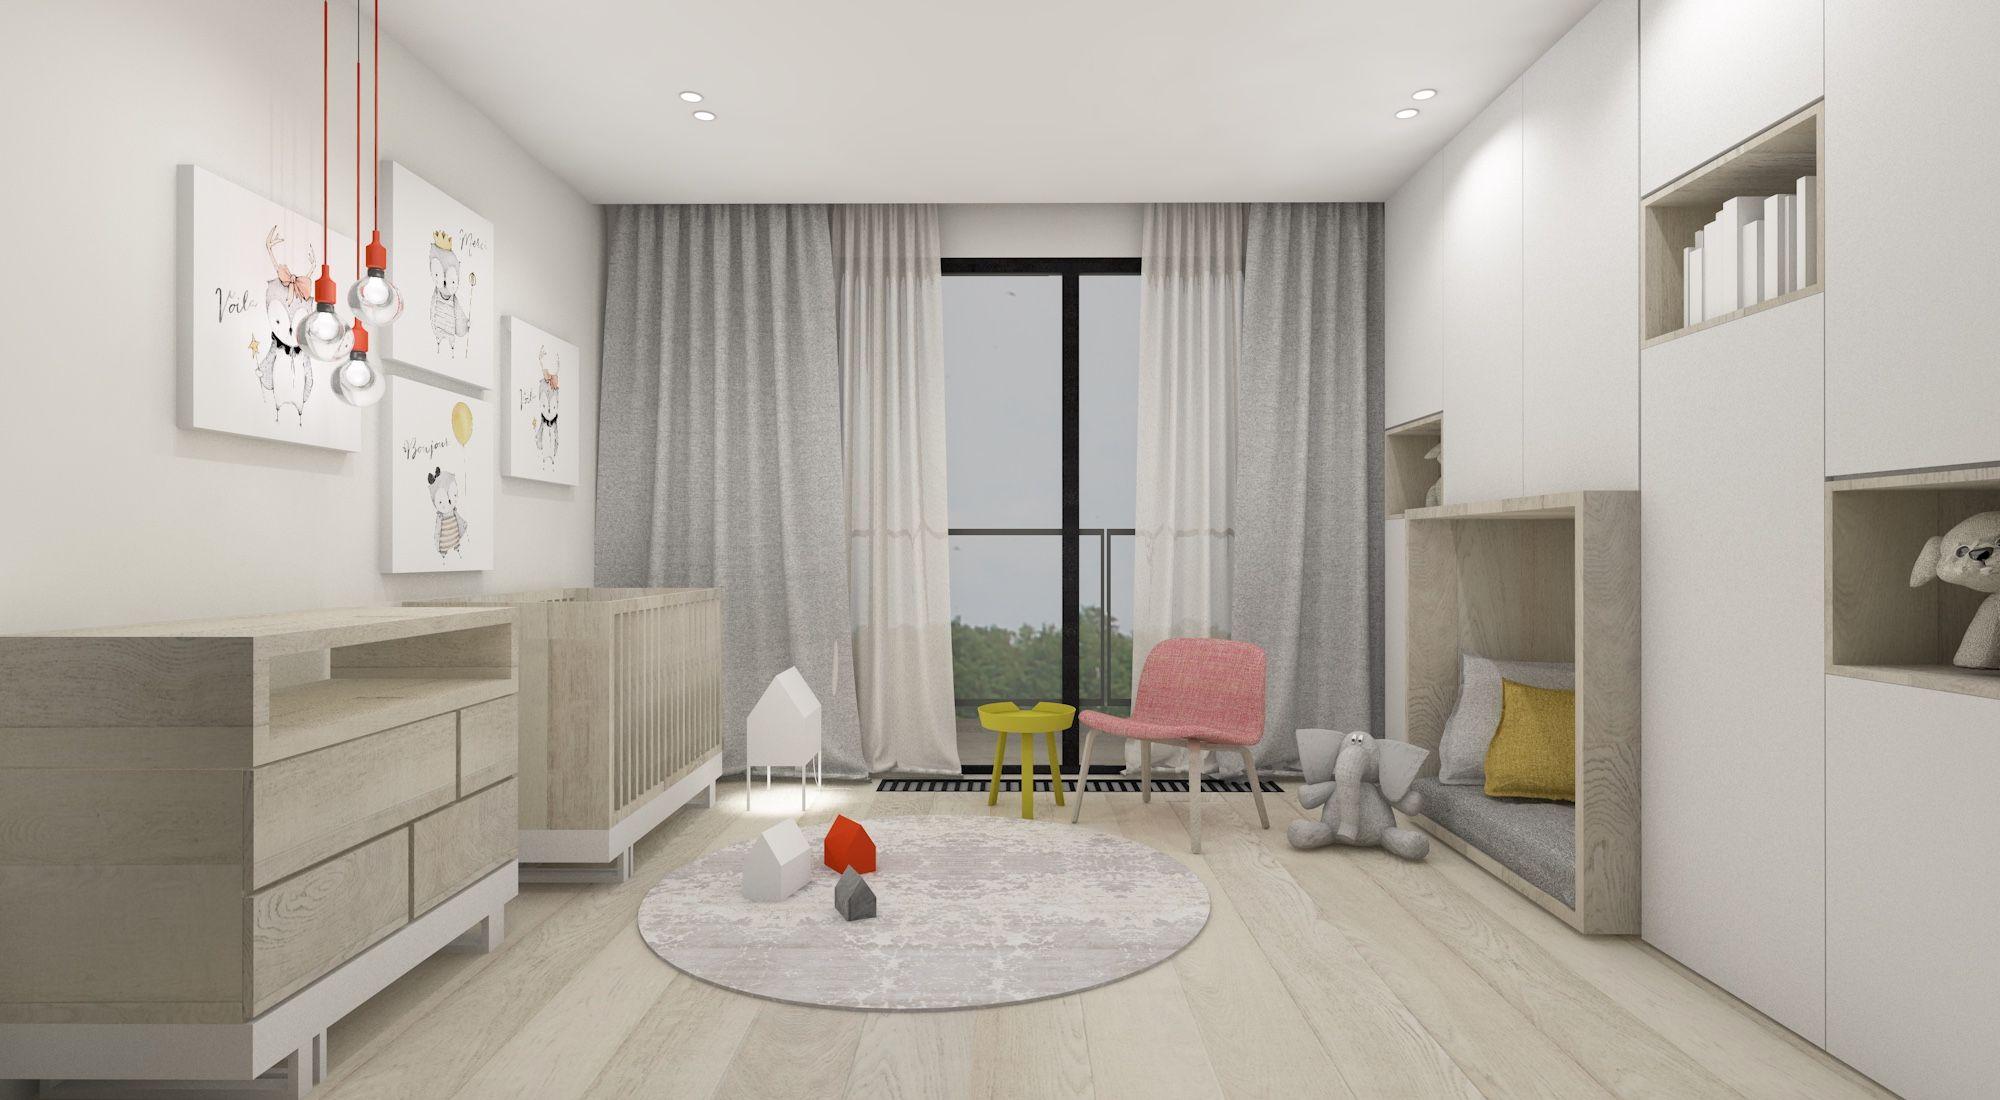 Apartament 152m2 – INTERNO – Iza Gajewska